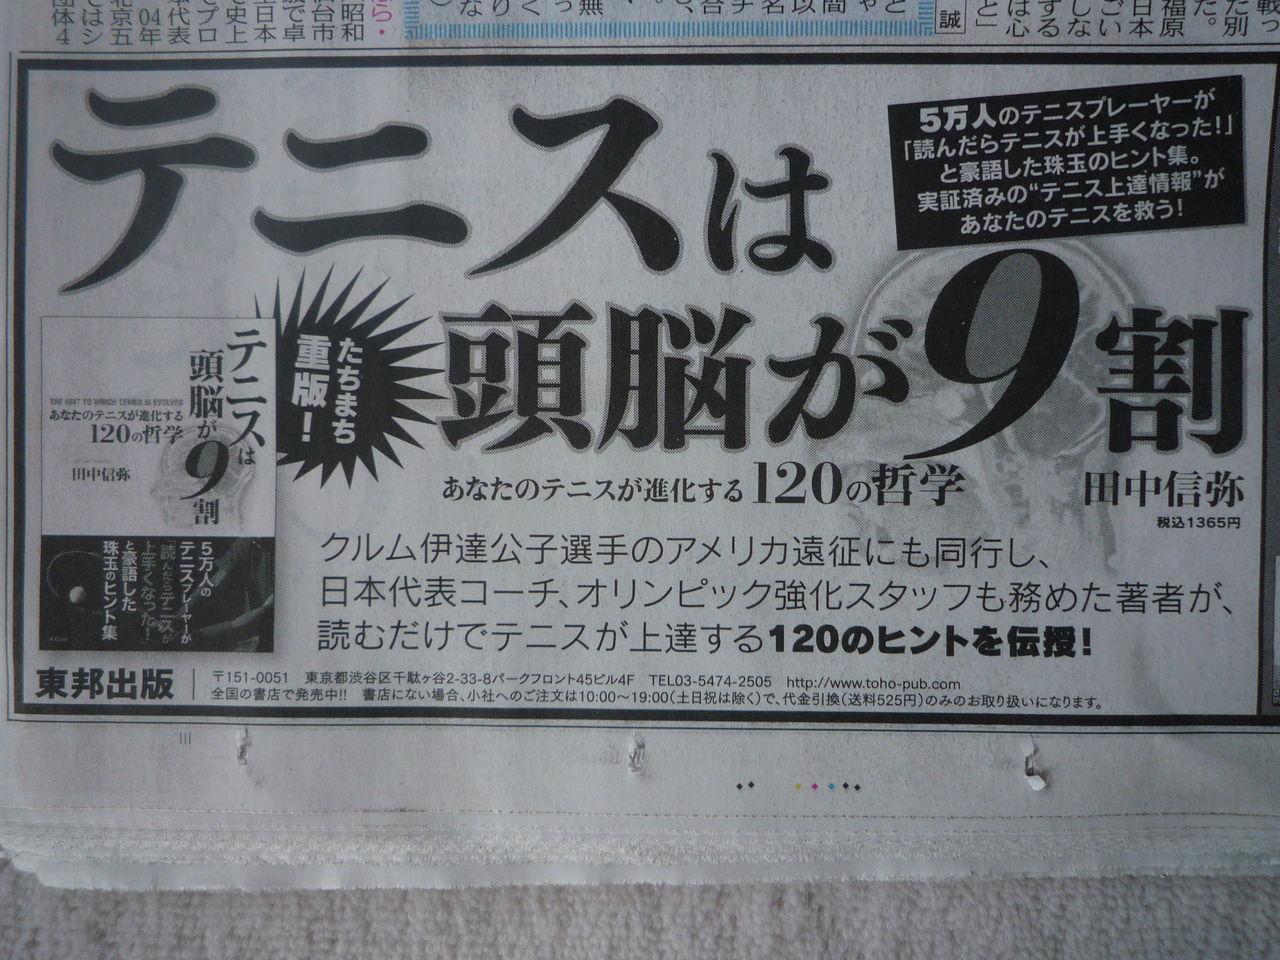 書籍 新聞広告